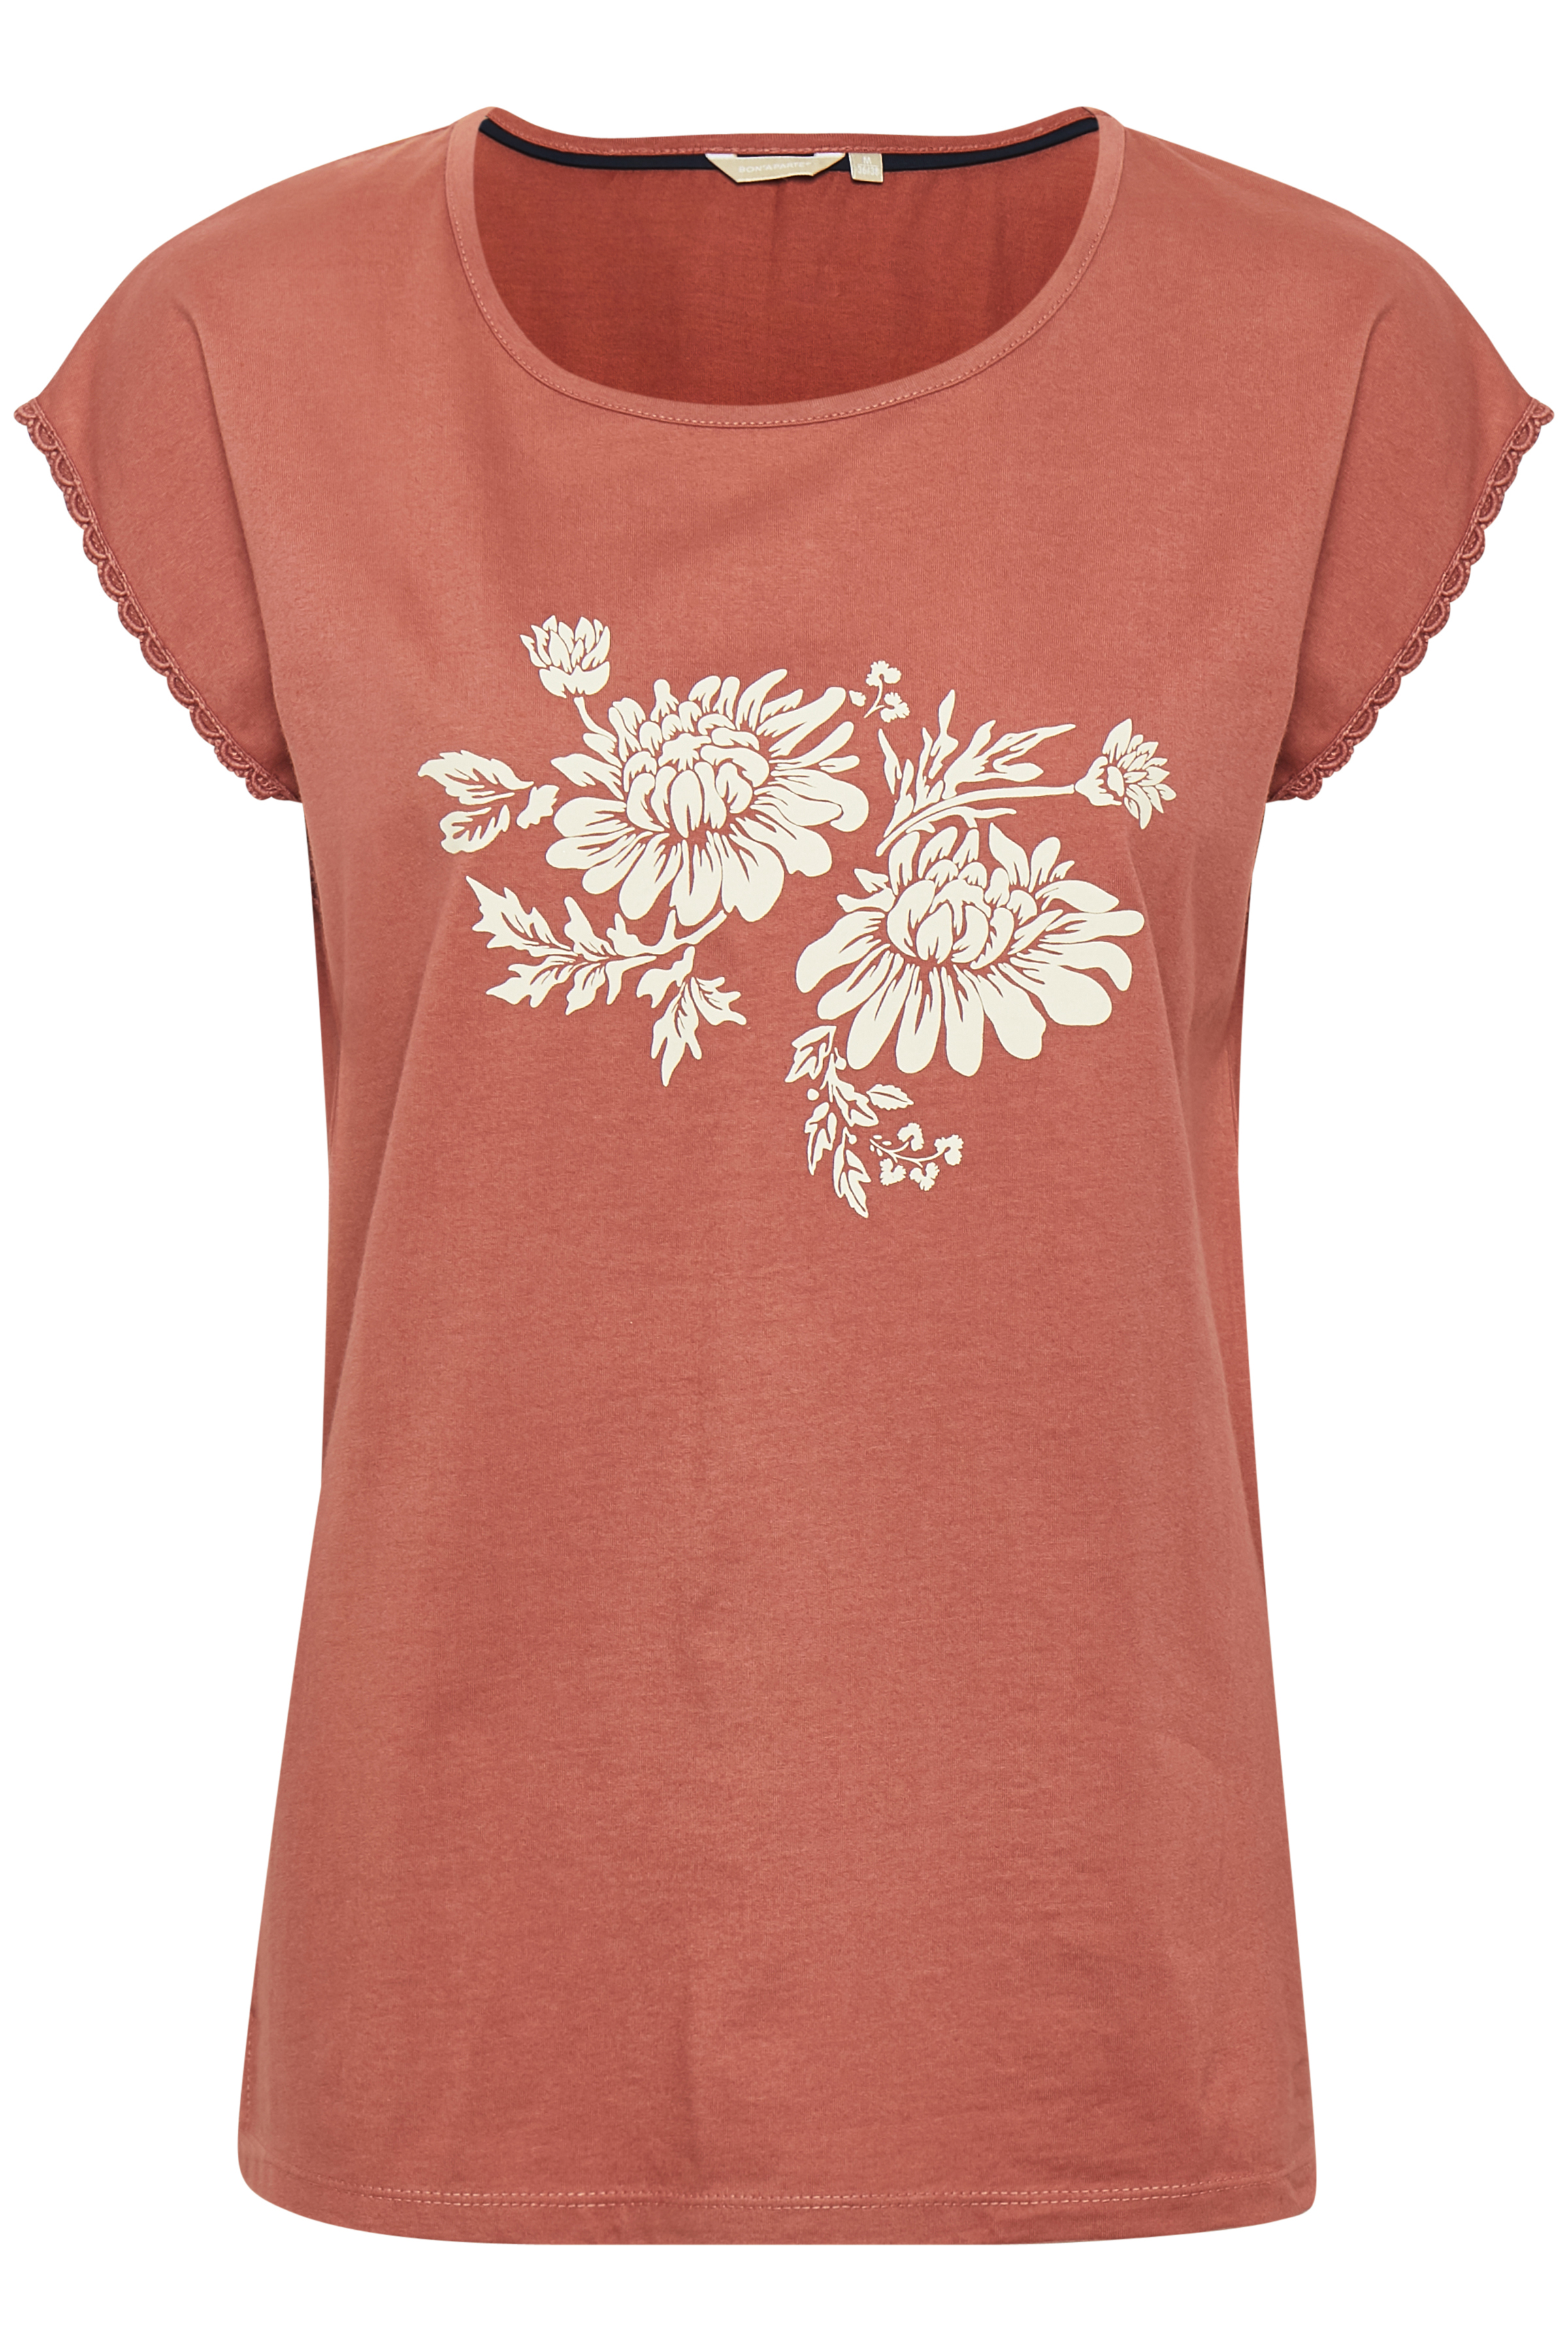 Image of BonA Parte Dame T-shirt - Brændt rød